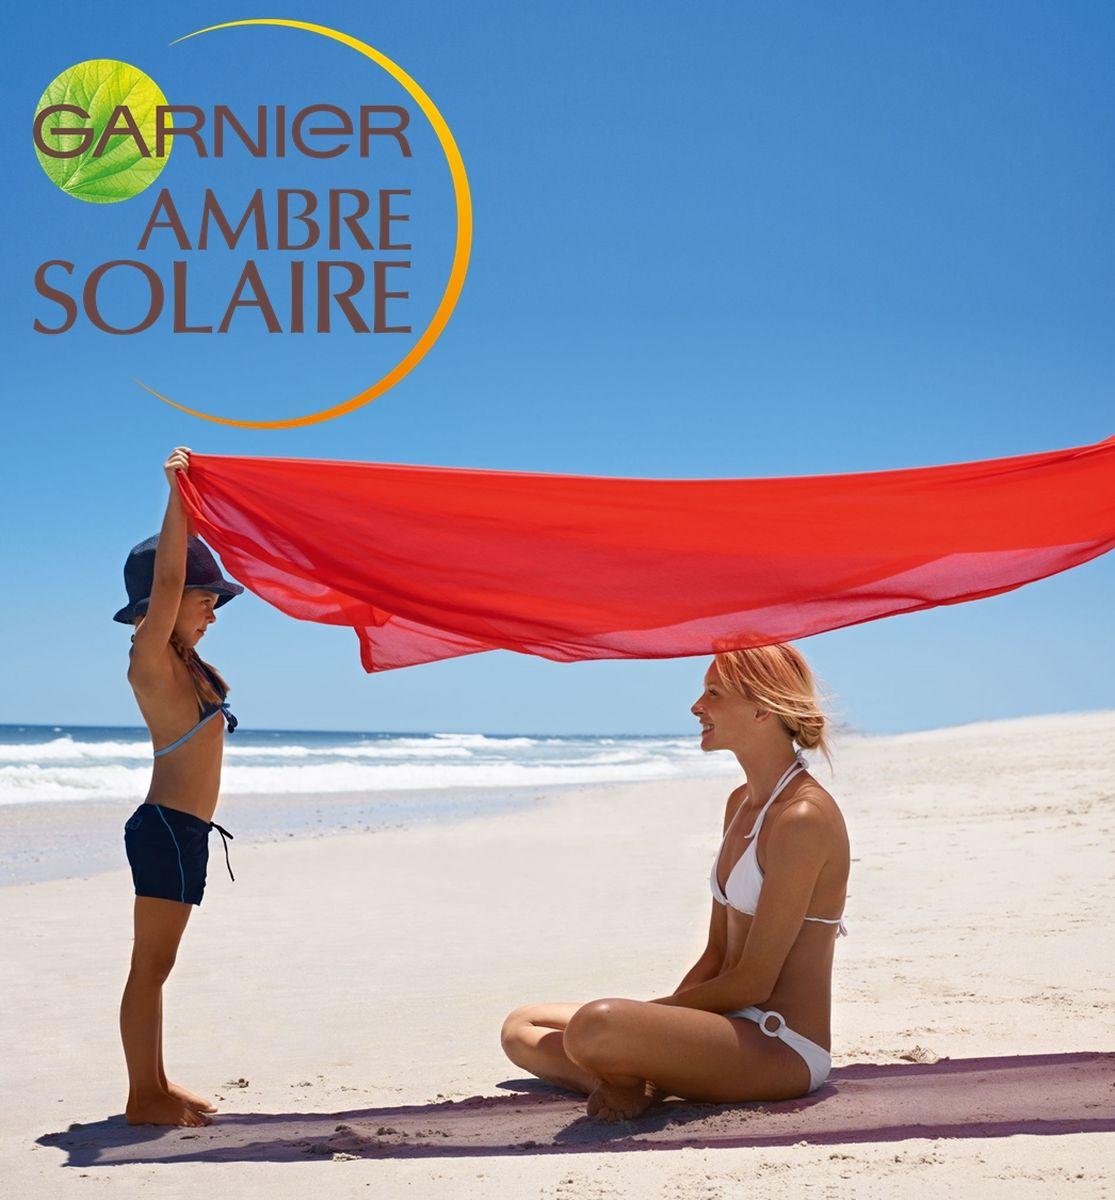 Garnier Ambre Solaire Сухой солнцезащитный спрей для тела Эксперт Защита +Инфракрасные лучи, водостойкий, гипоаллергенный, для светлой, чувствительной кожи, SPF 50+, 200 мл